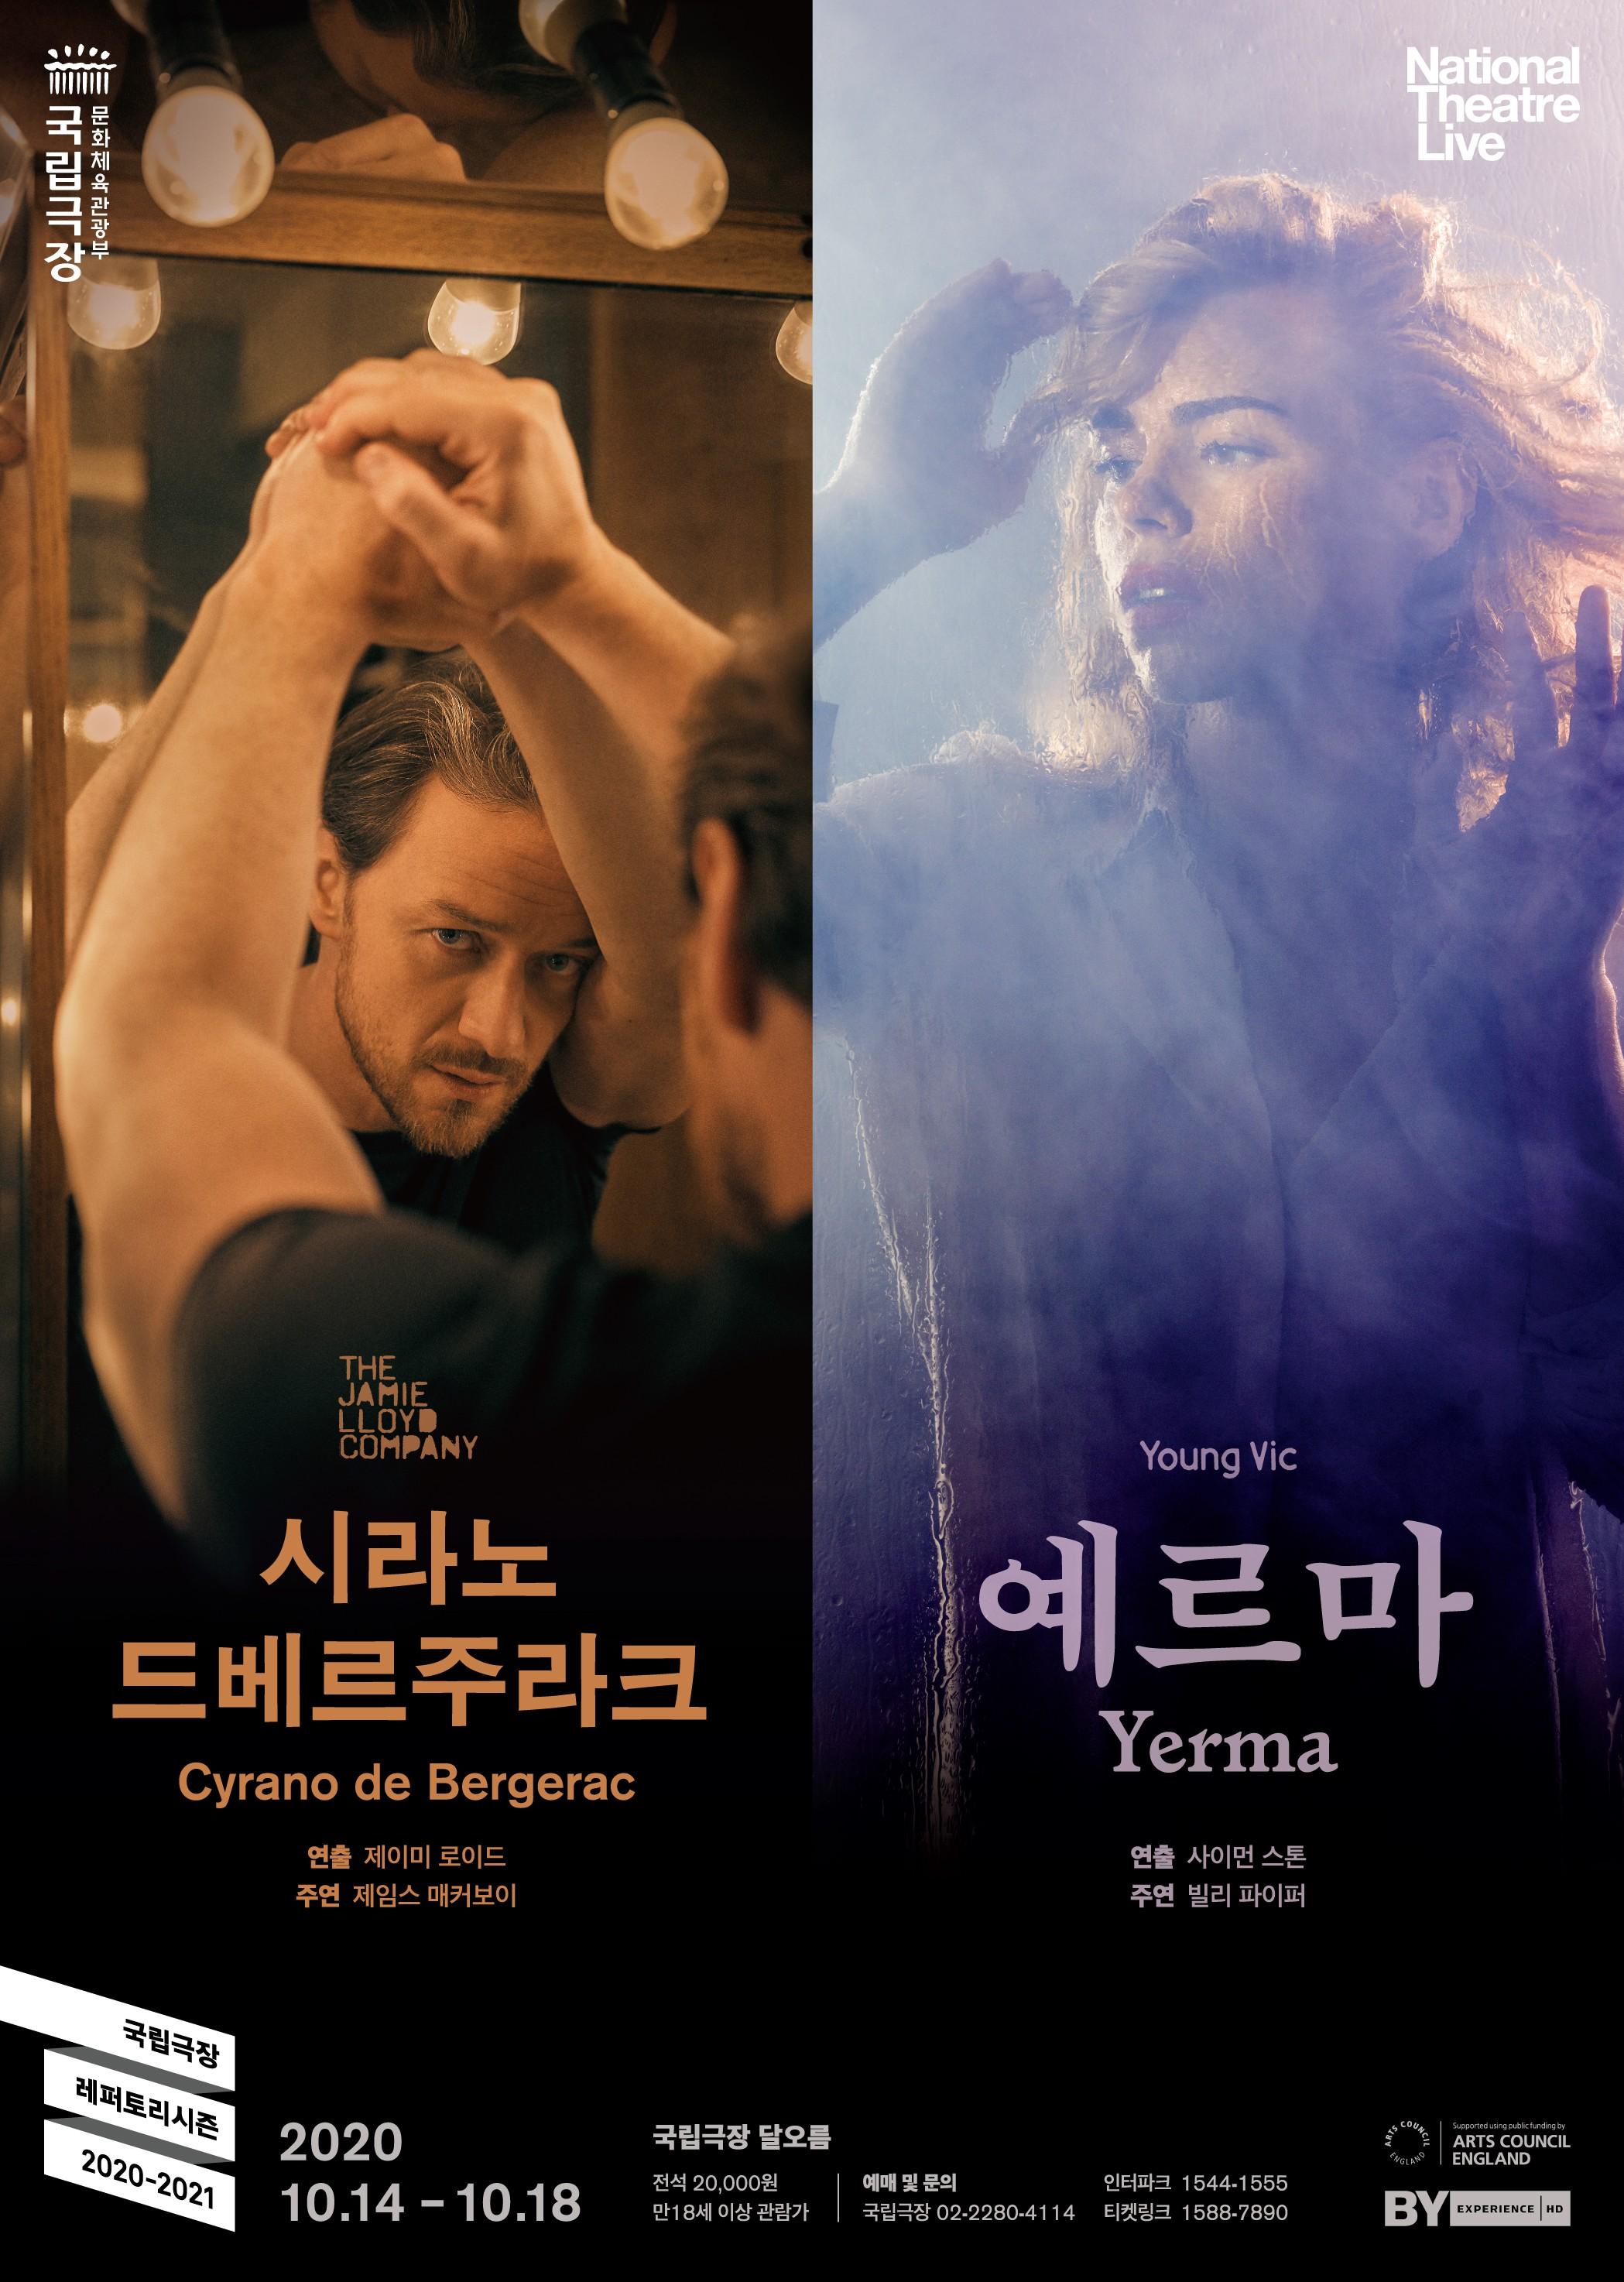 국립극장 NT 라이브 '시라노 드베르주라크' '예르마' 상영